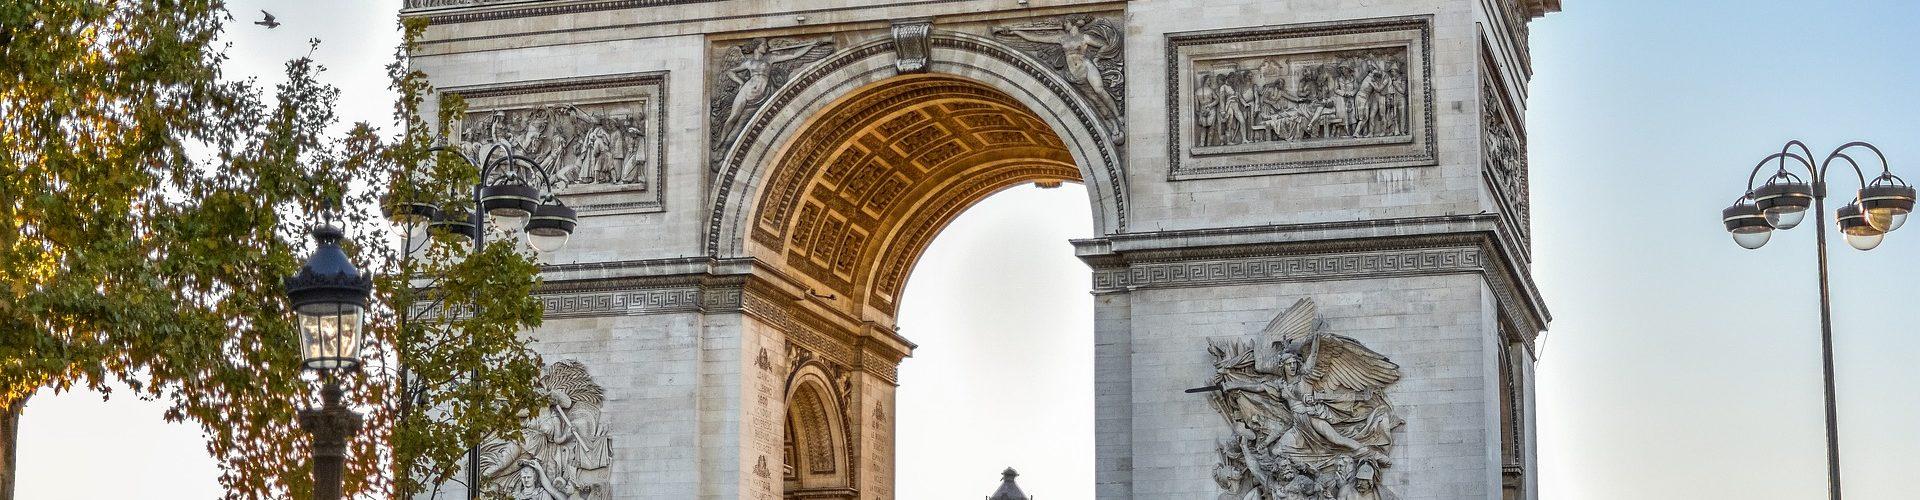 Arco do Triunfo (Arc de Triomphe